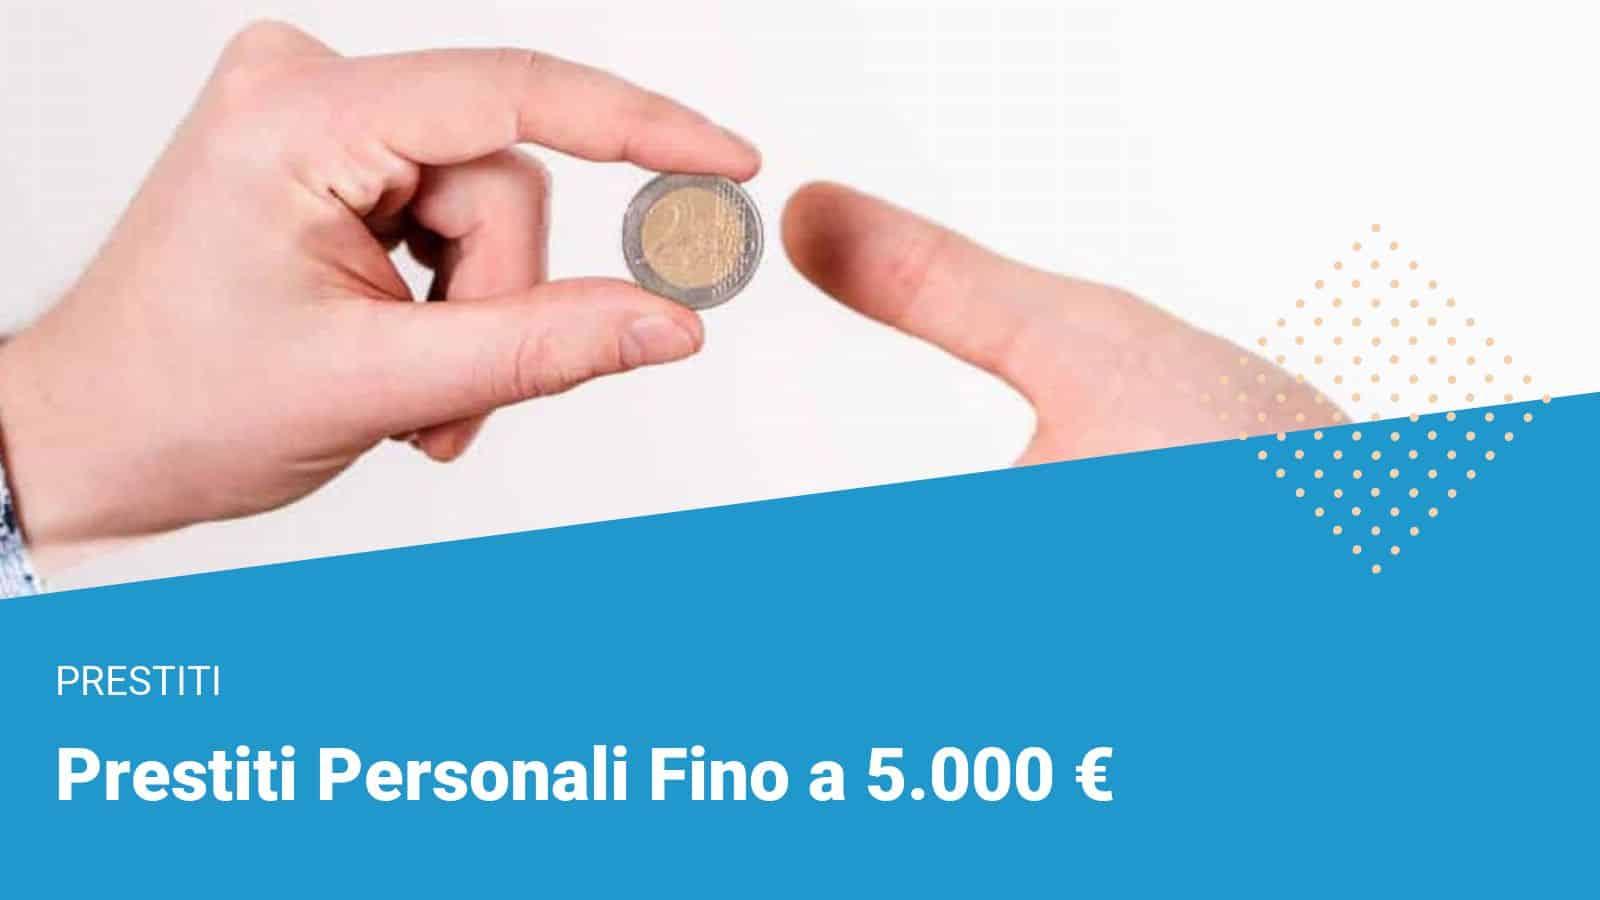 Prestiti fino a 5.000€ - Financer.com Italia